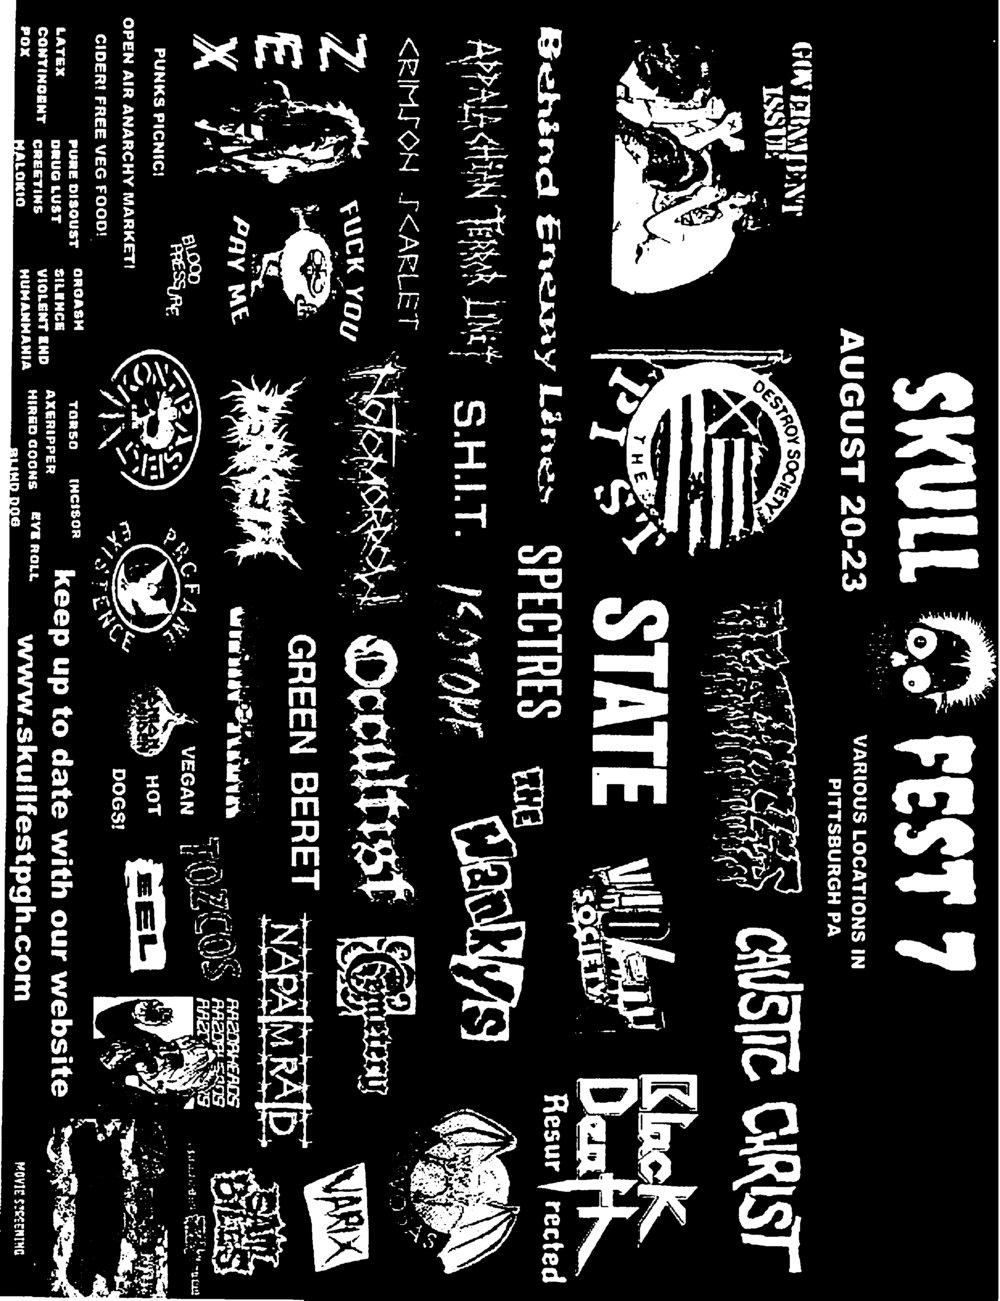 flyer-15.08.23-skullfest7.jpg